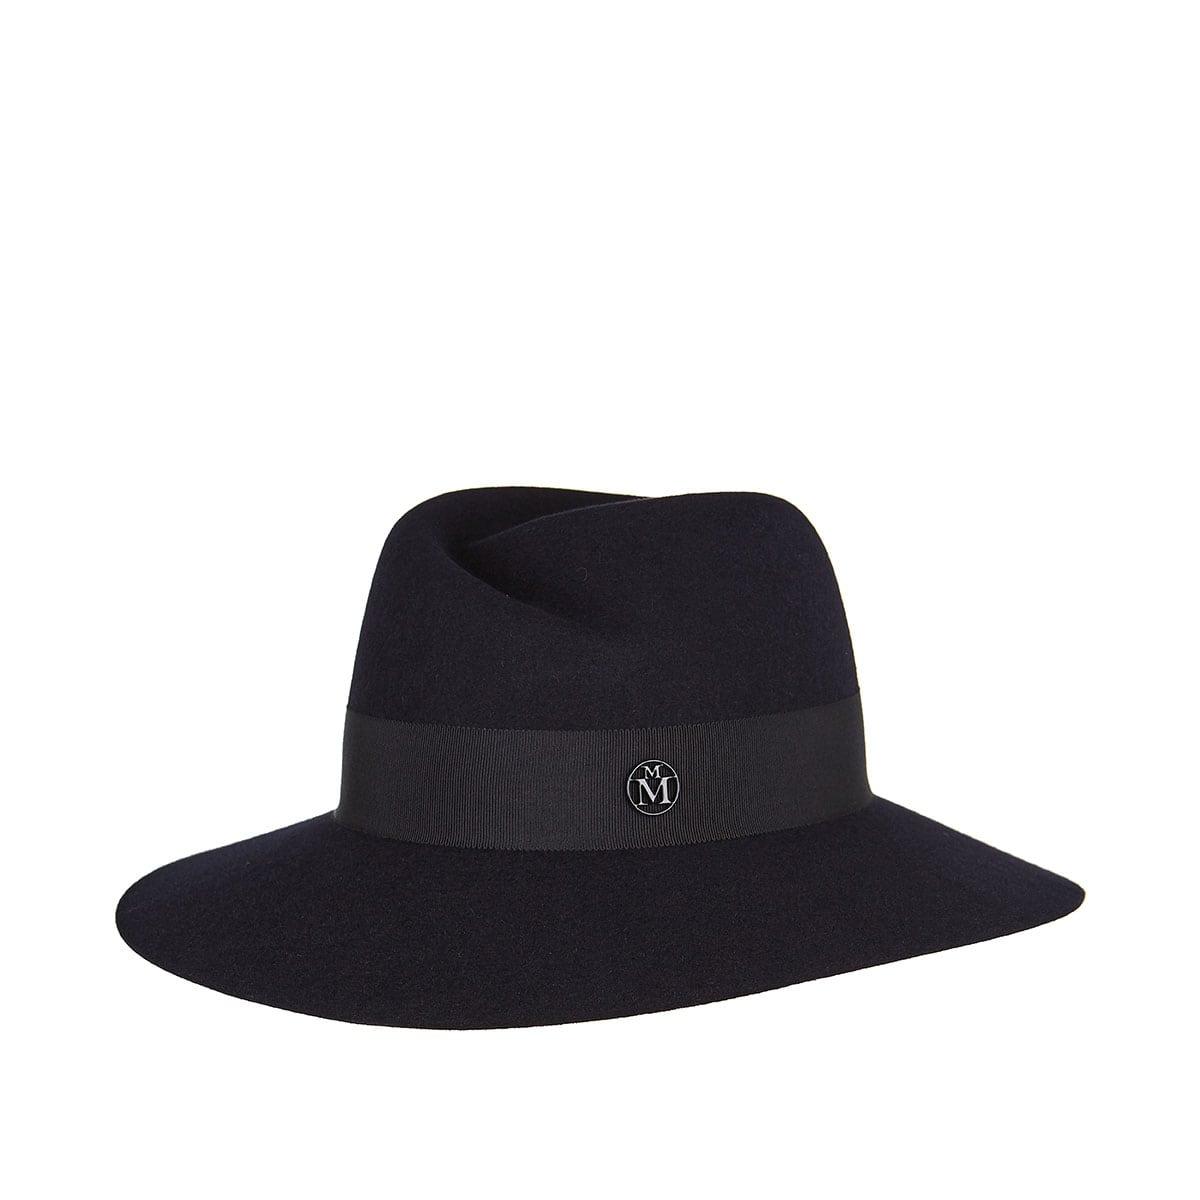 Virginie felt fedora hat